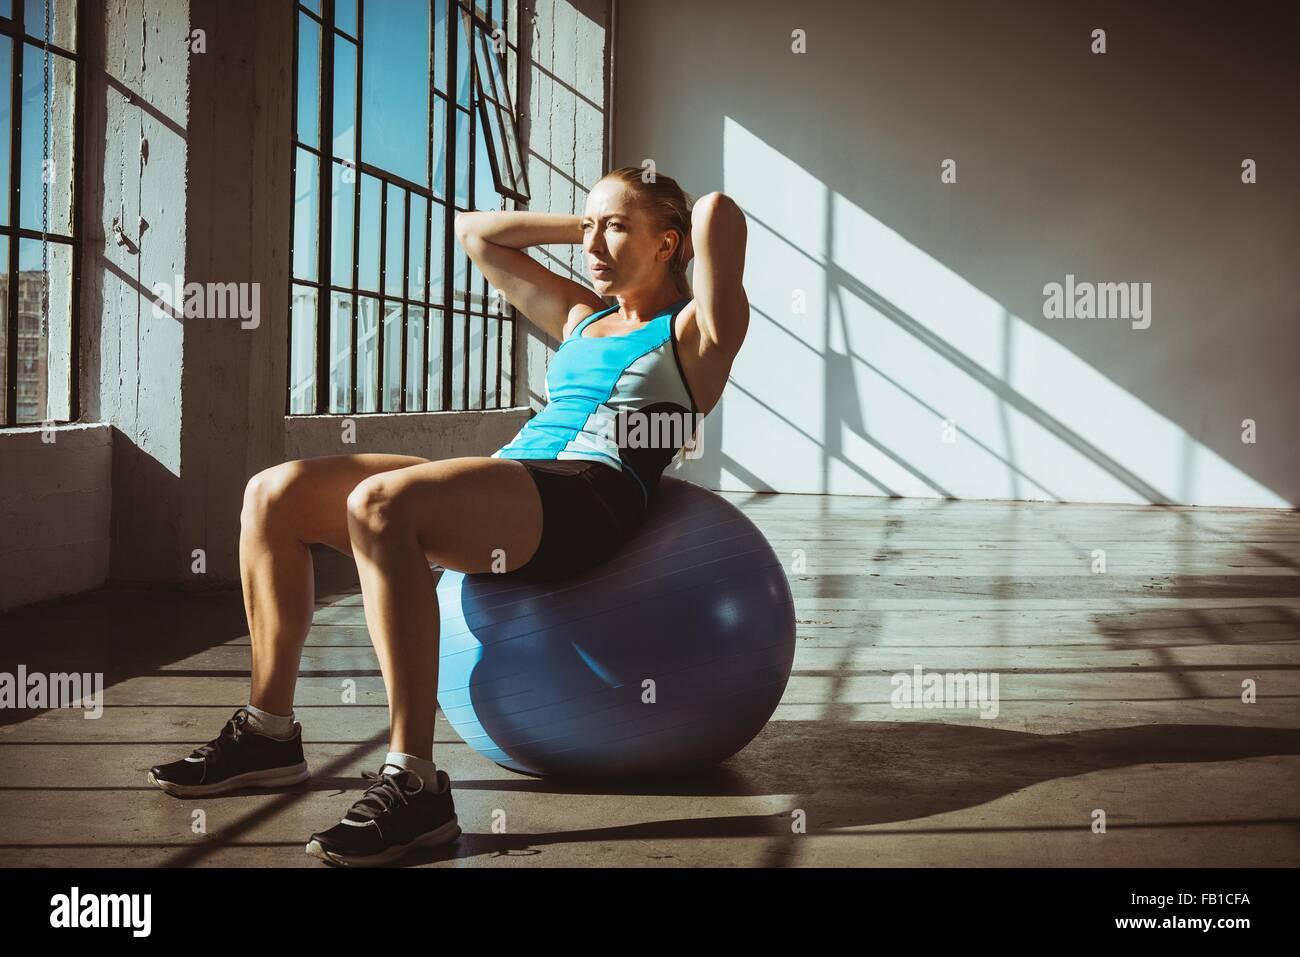 Mujer joven en el gimnasio sentado en ejercicio de pelota las manos detrás de la cabeza, mirar lejos Imagen De Stock